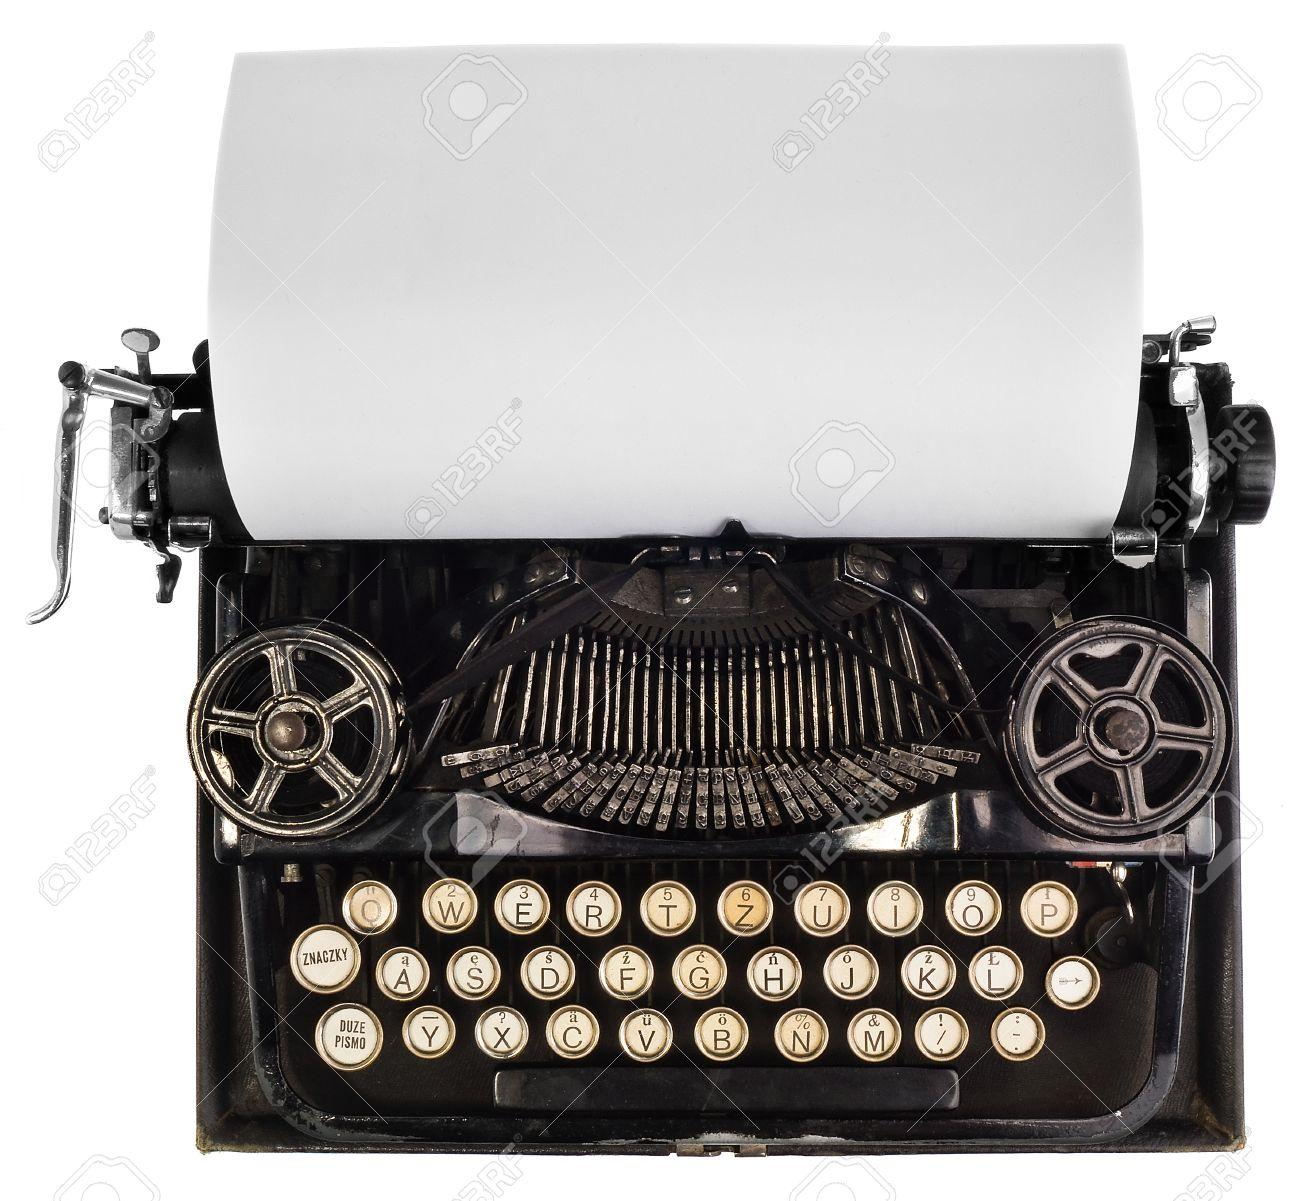 Antike Schreibmaschine Mit Weißen Leeren Blatt Papier, Ansicht Von ...